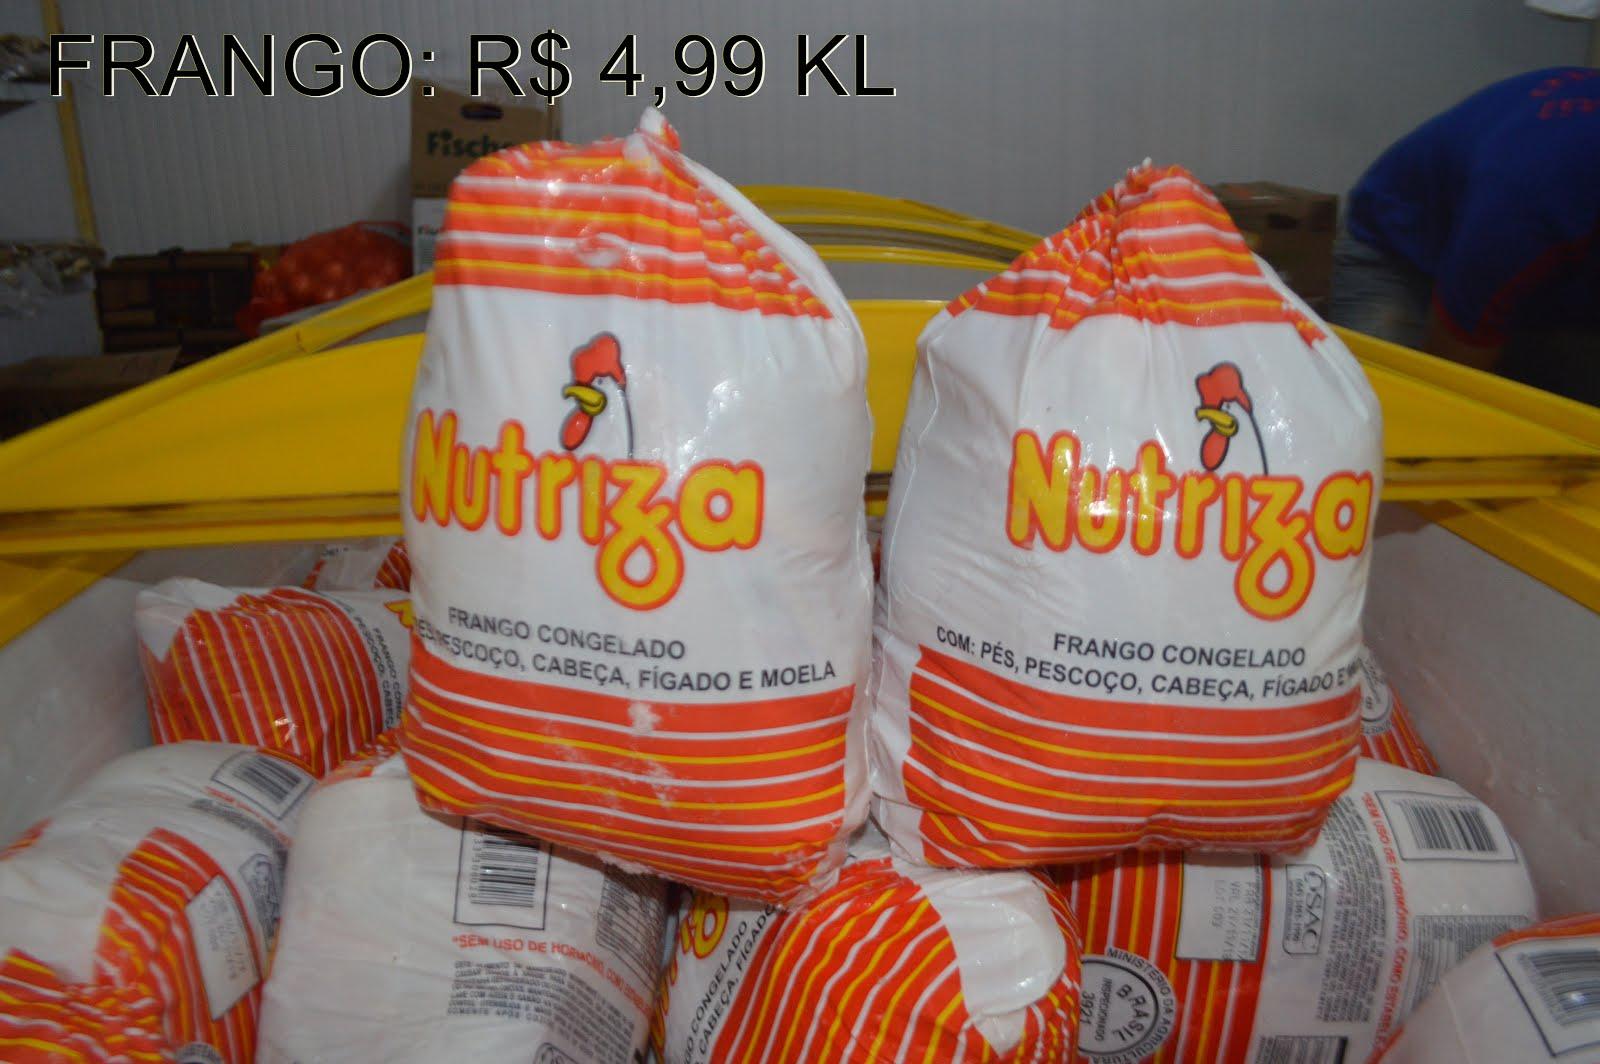 Confira as ofertas desta sexta-feira no Mercantil Barato: Frango R$ 4,99 KL